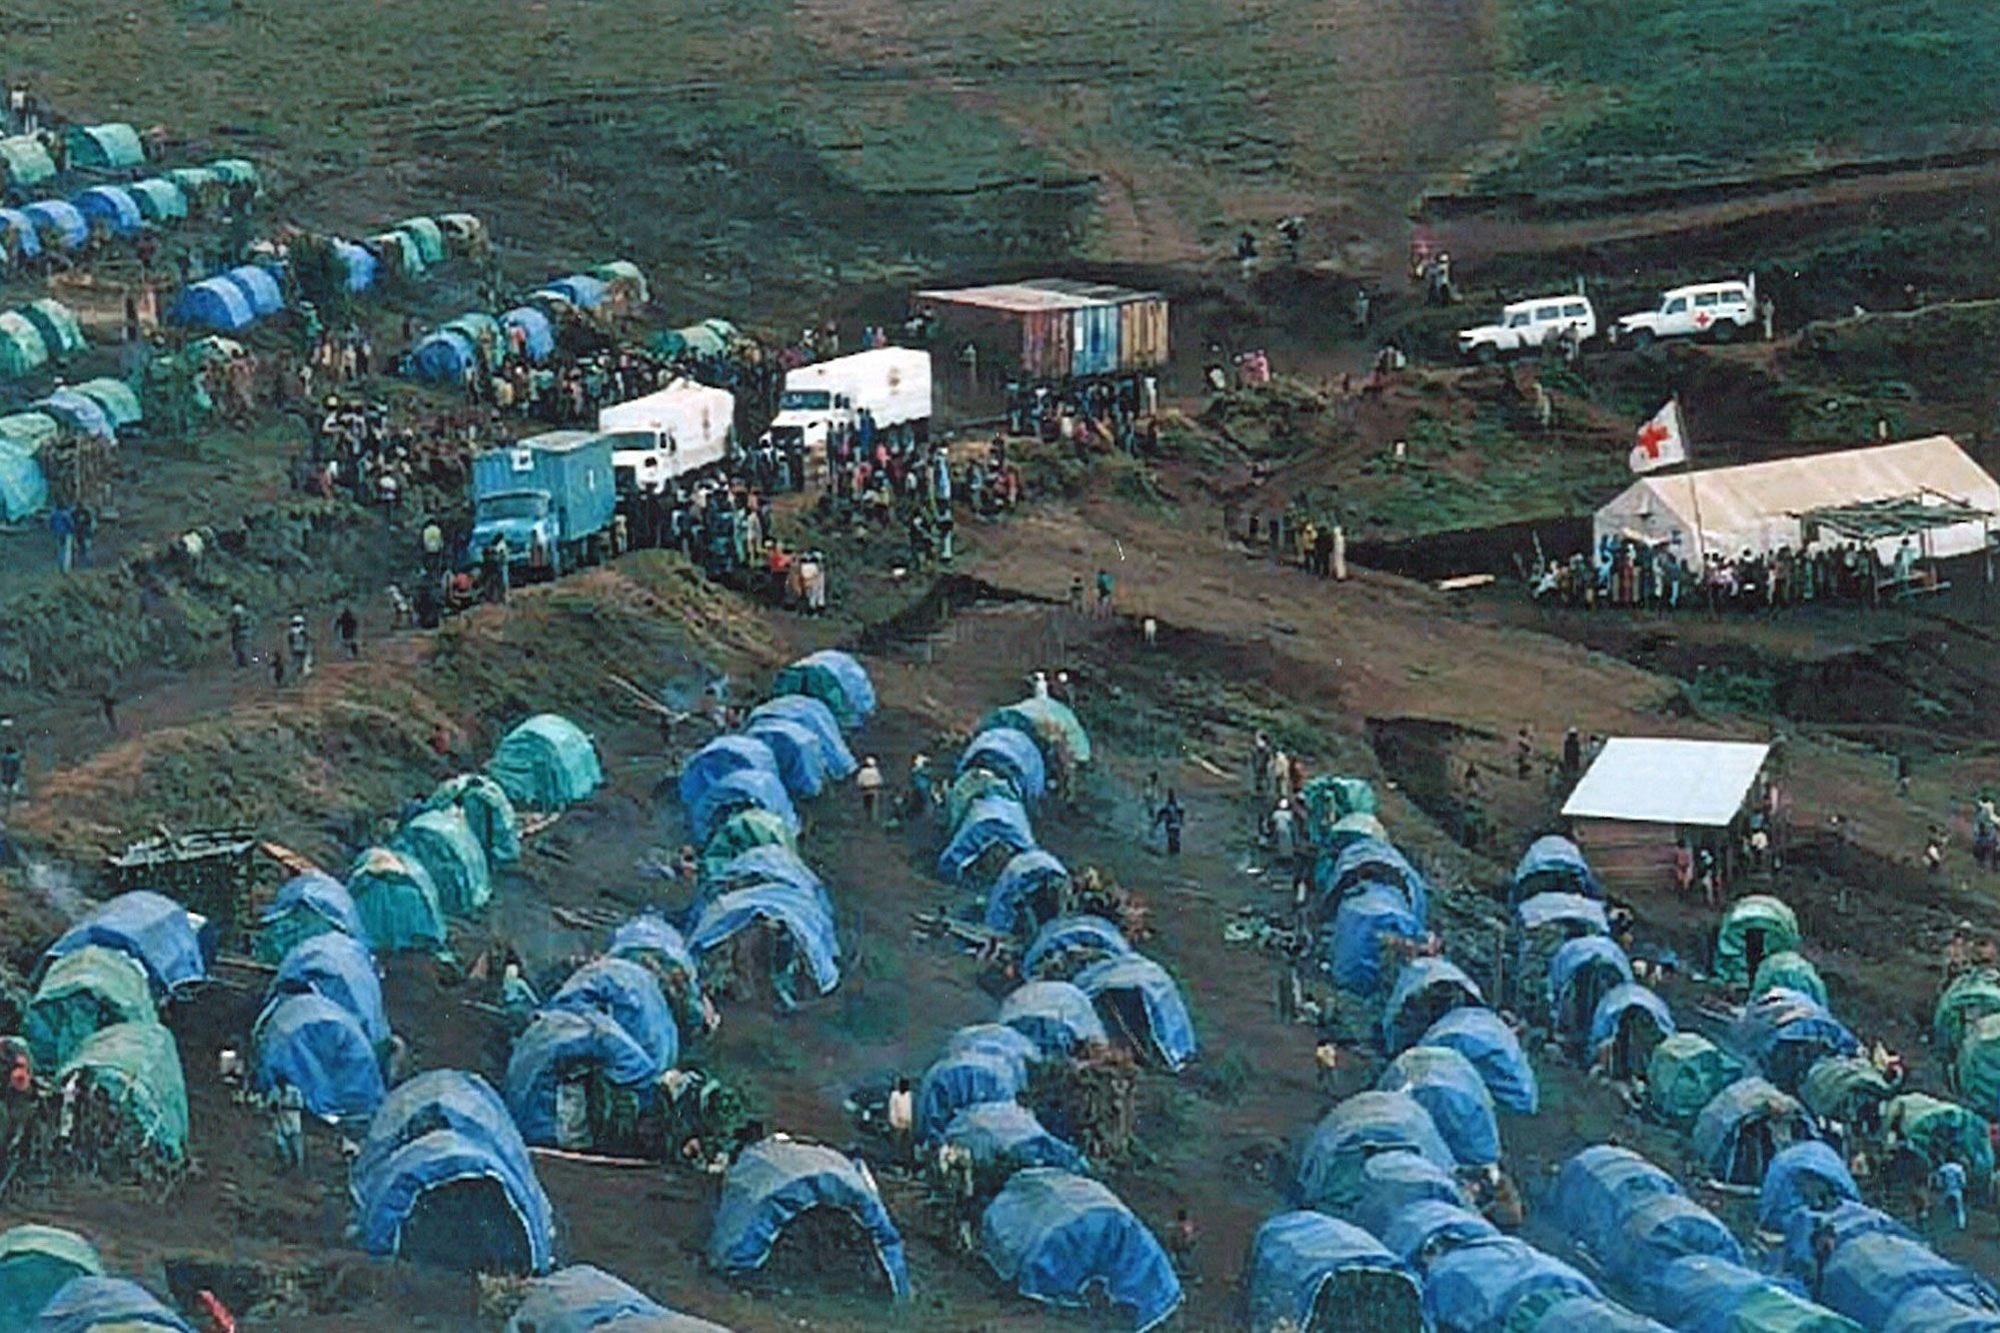 Le camp de réfugiés de Nyarushishi (Cynagugu), sous protection du CICR., G. Thierry